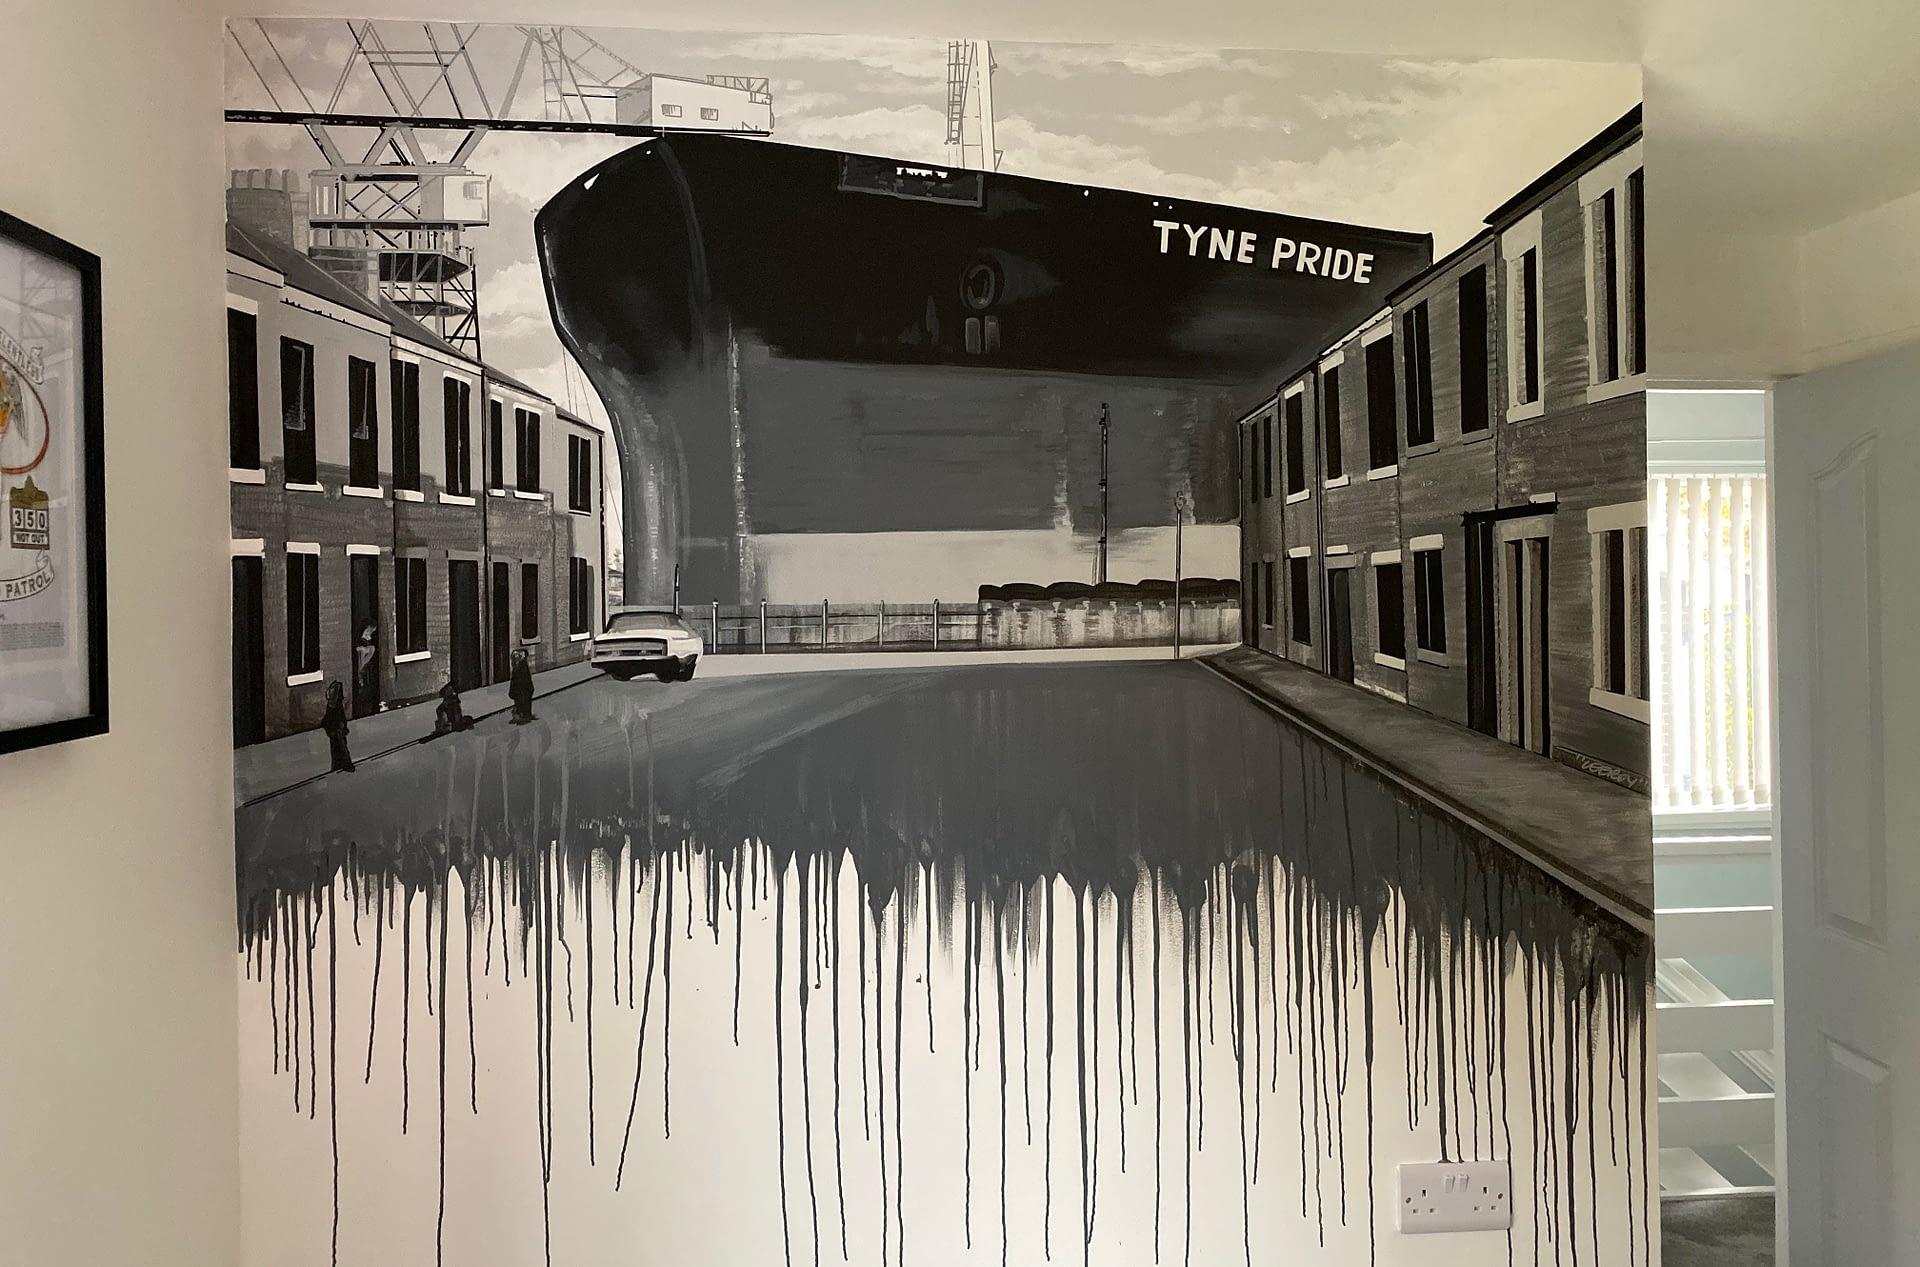 Tyne Pride Mural